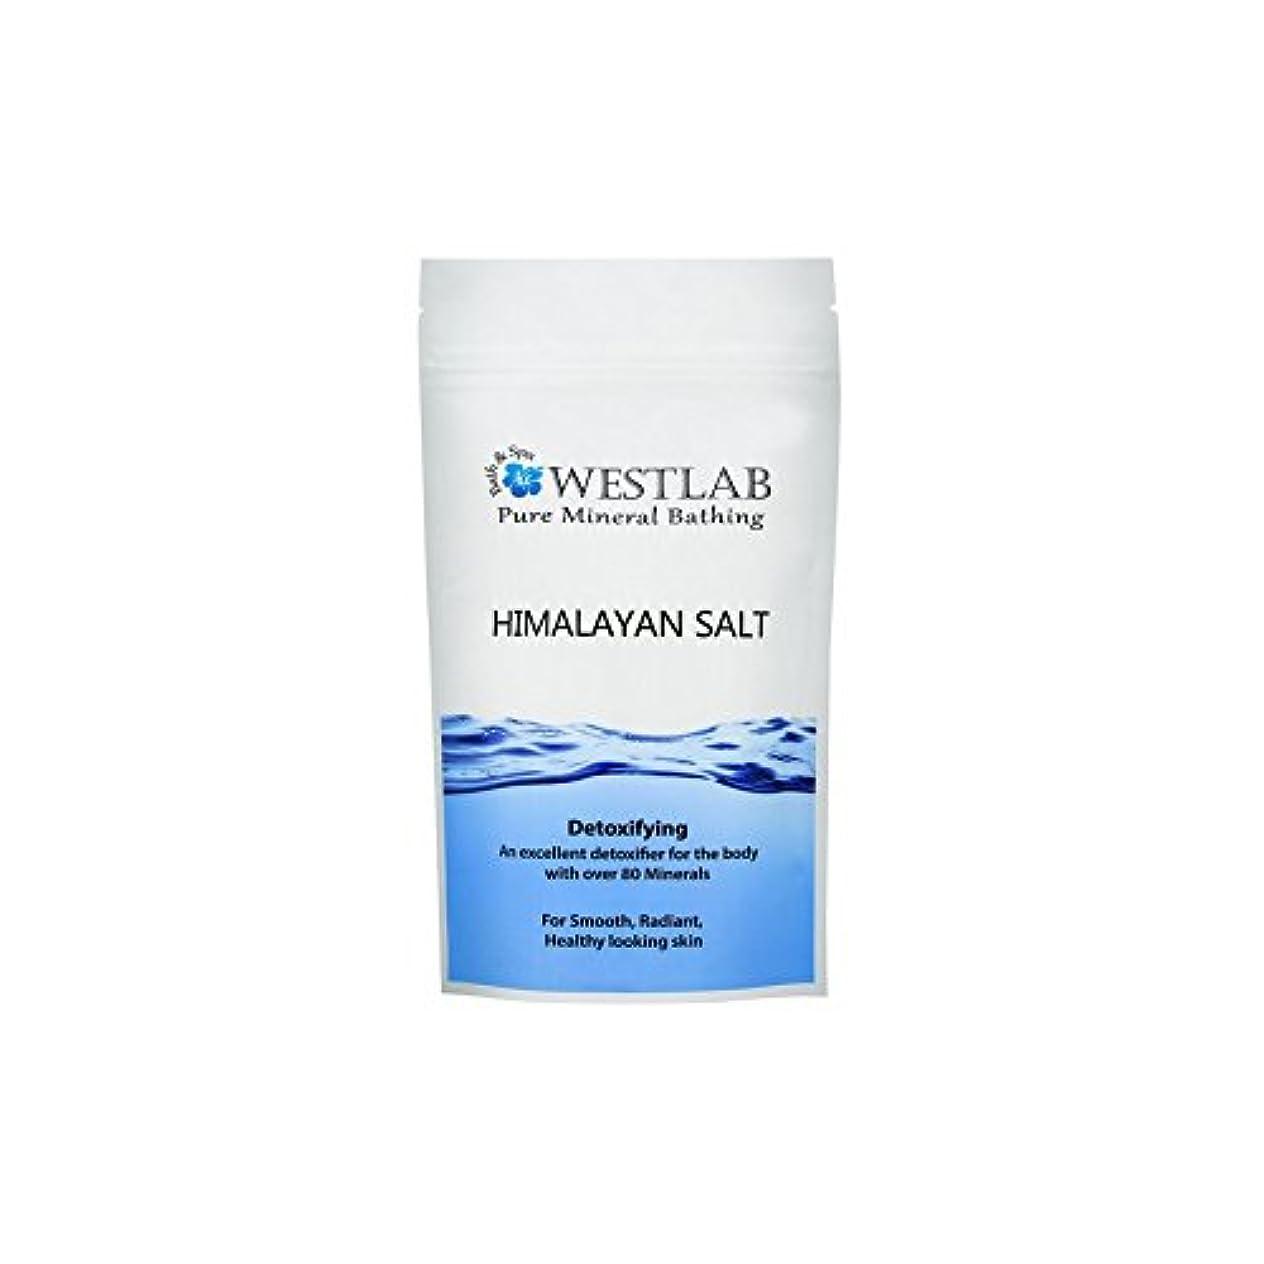 八百屋さん昼食検出ヒマラヤ塩の1キロ x4 - Westlab Himalayan Salt 1kg (Pack of 4) [並行輸入品]